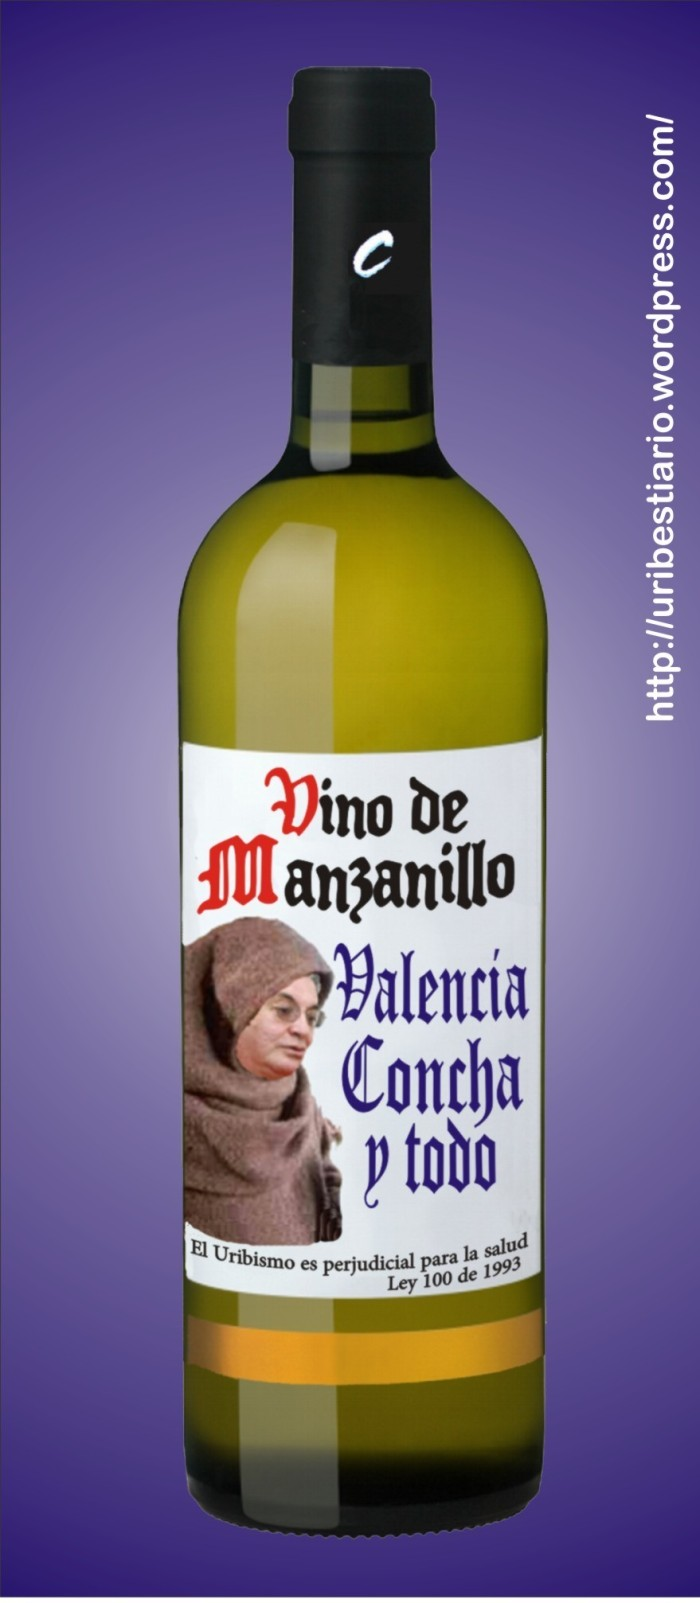 Valencia_Concha_y_todo